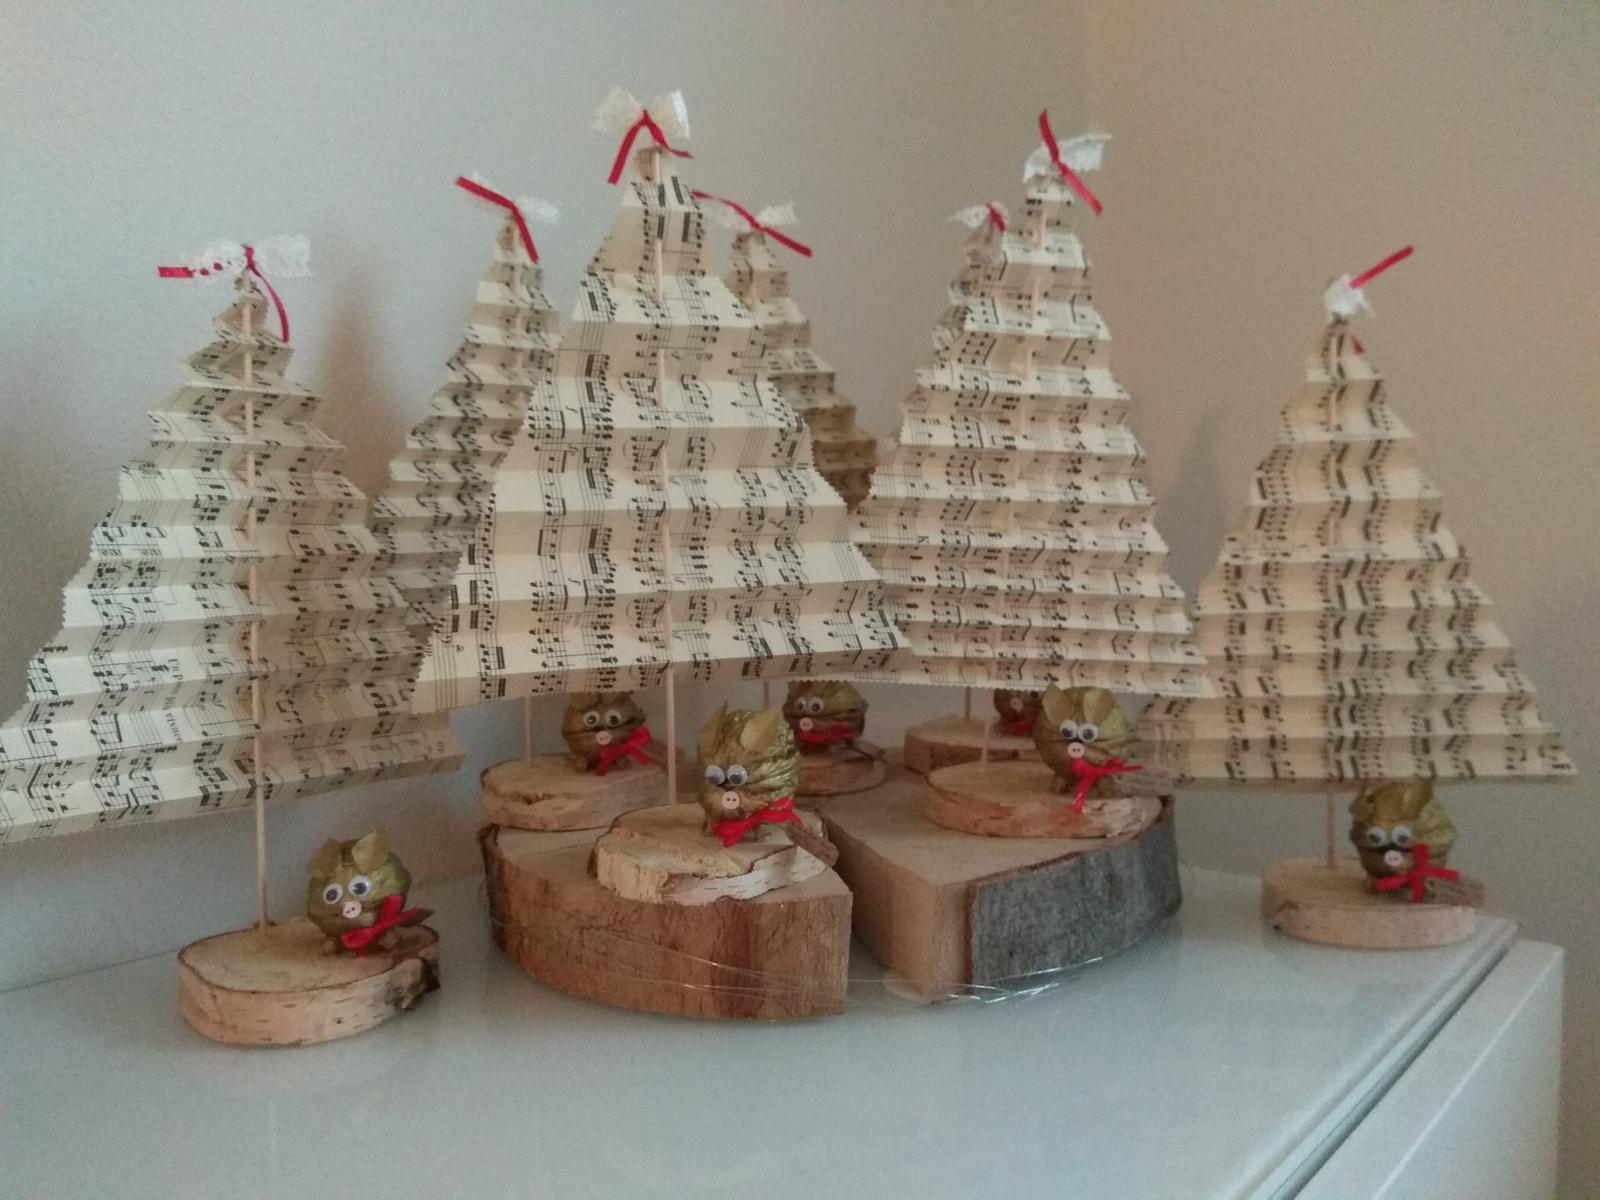 Když tvořím podle něčeho, aneb moje DIY - Vánoční přání s přáním uvnitř prasátka